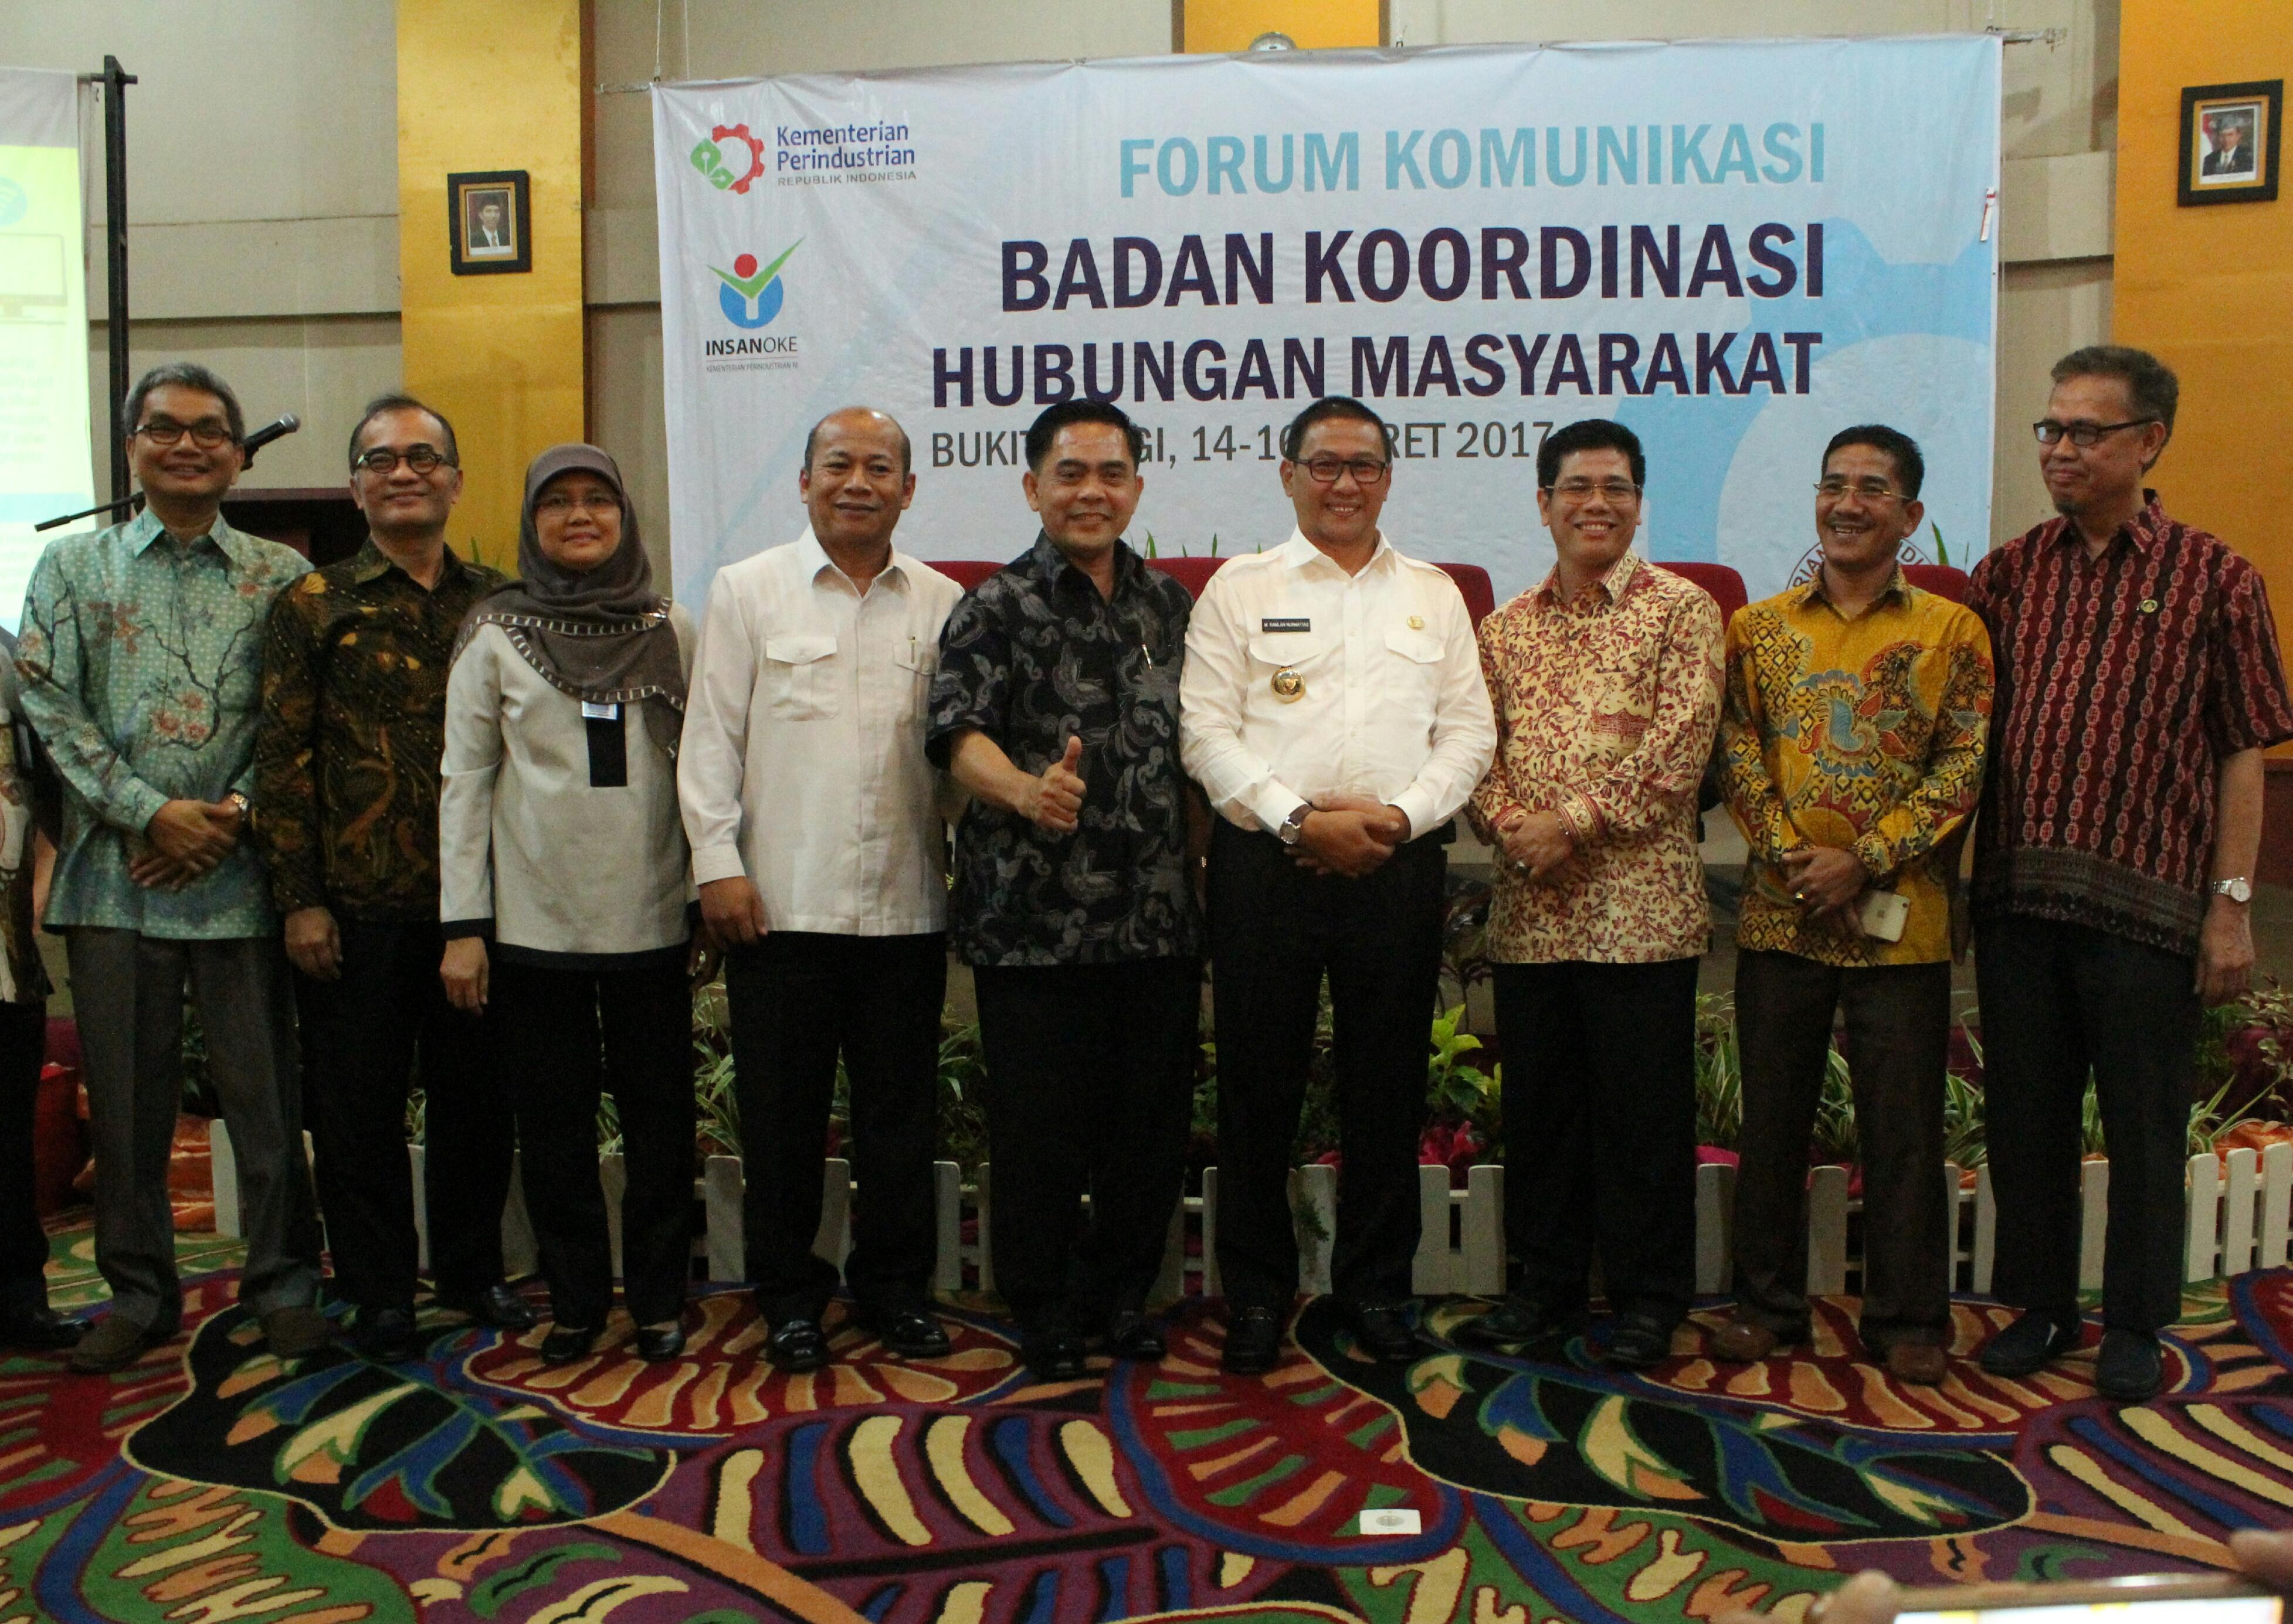 Walikota Bukittinggi Ramlan Nurmatias bersama pengurus Bakohumas, di Grand Rocky Hotel, Bukittinggi, Sumatera Barat, Rabu (15/3) siang. (Foto: Rahmi/Humas)